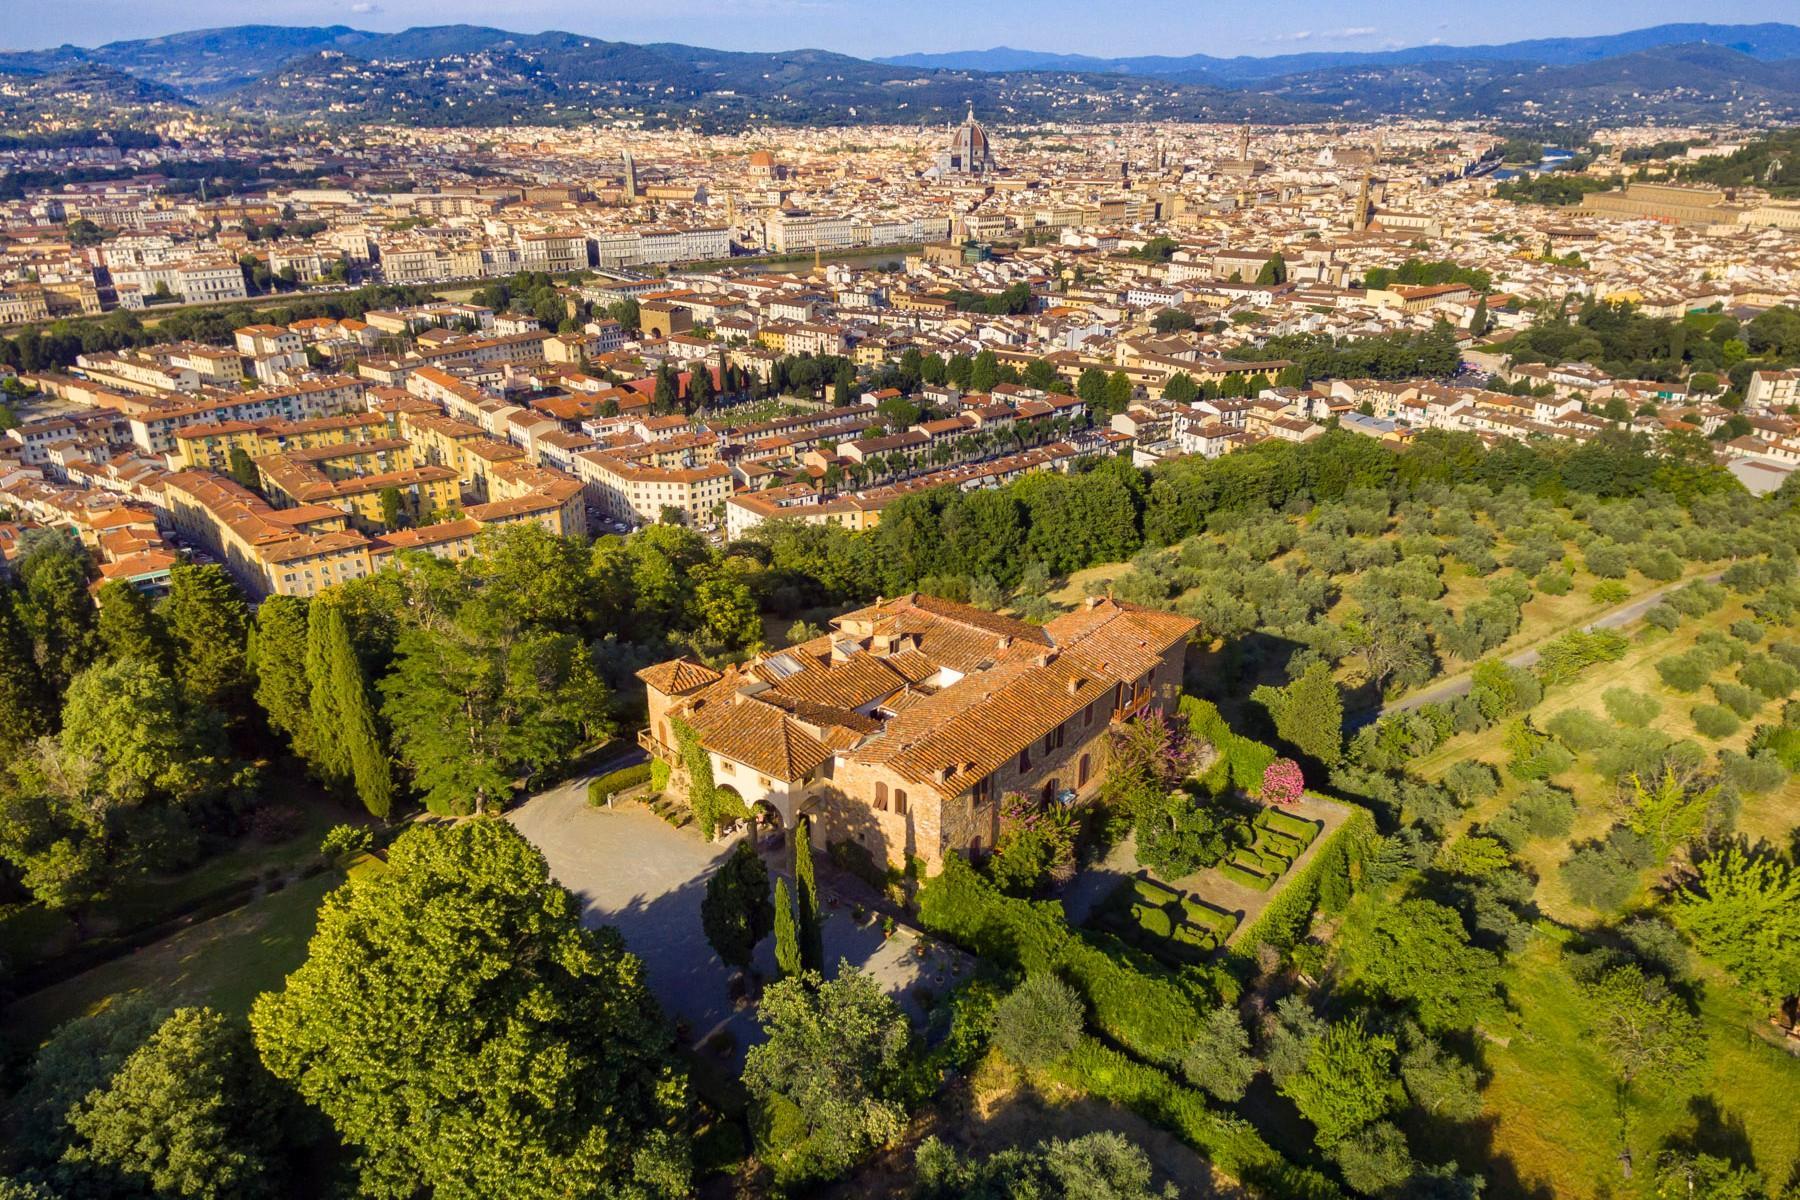 Meravigliosa proprietà con vista mozzafiato su Firenze - 1